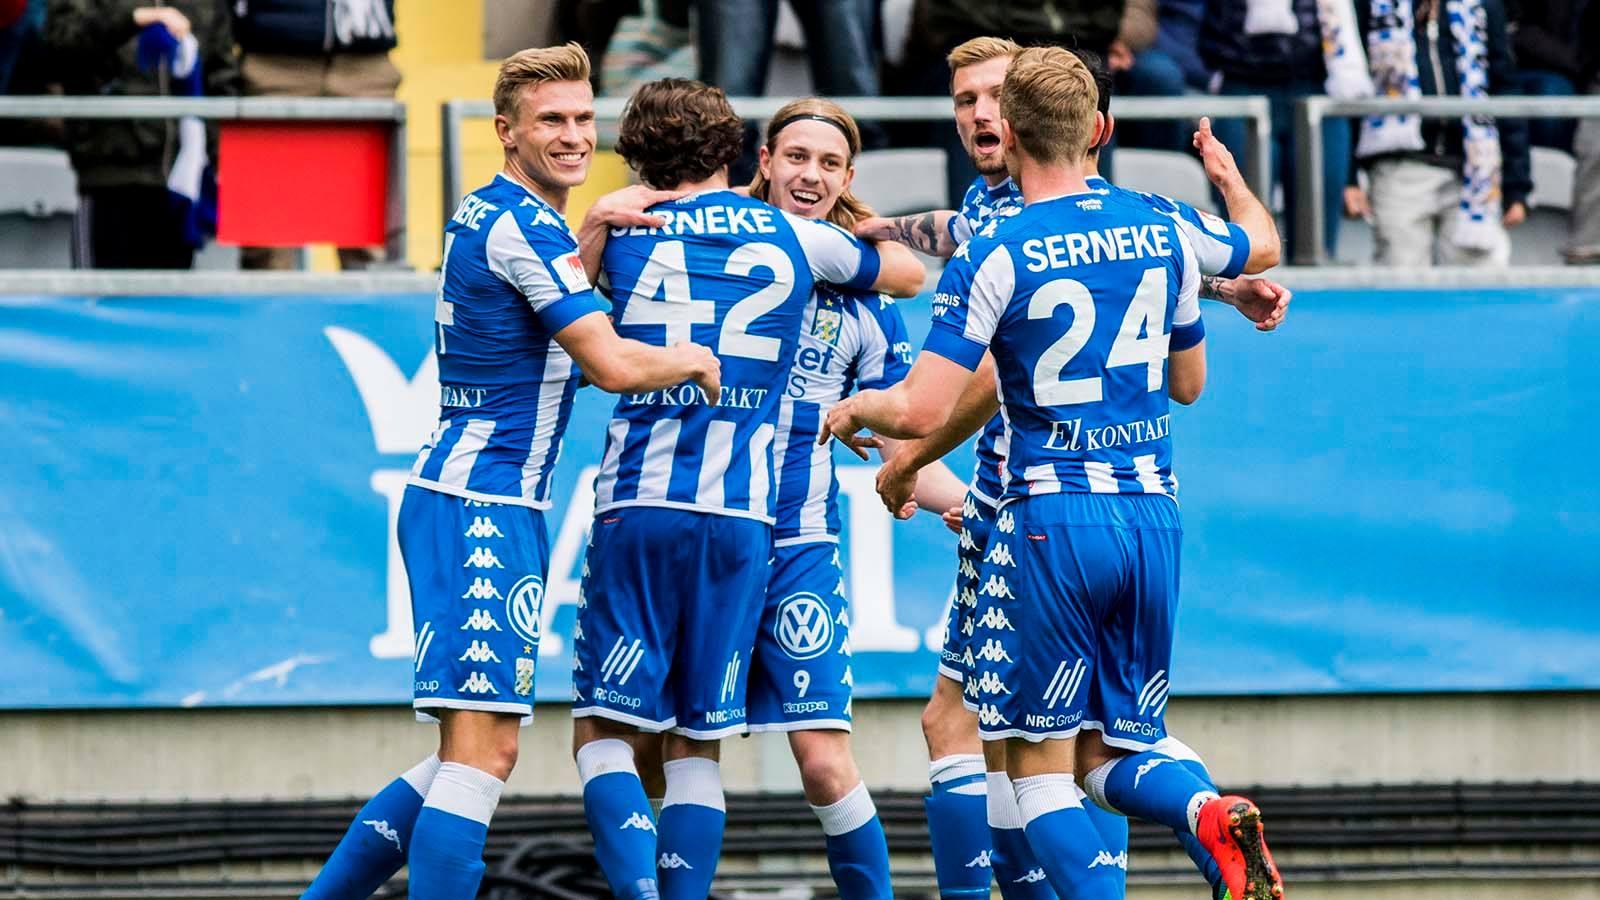 Goteborg-AIK 27 settembre: match della 23 esima giornata del campionato svedese. I locali rischiano contro la prima della classe.